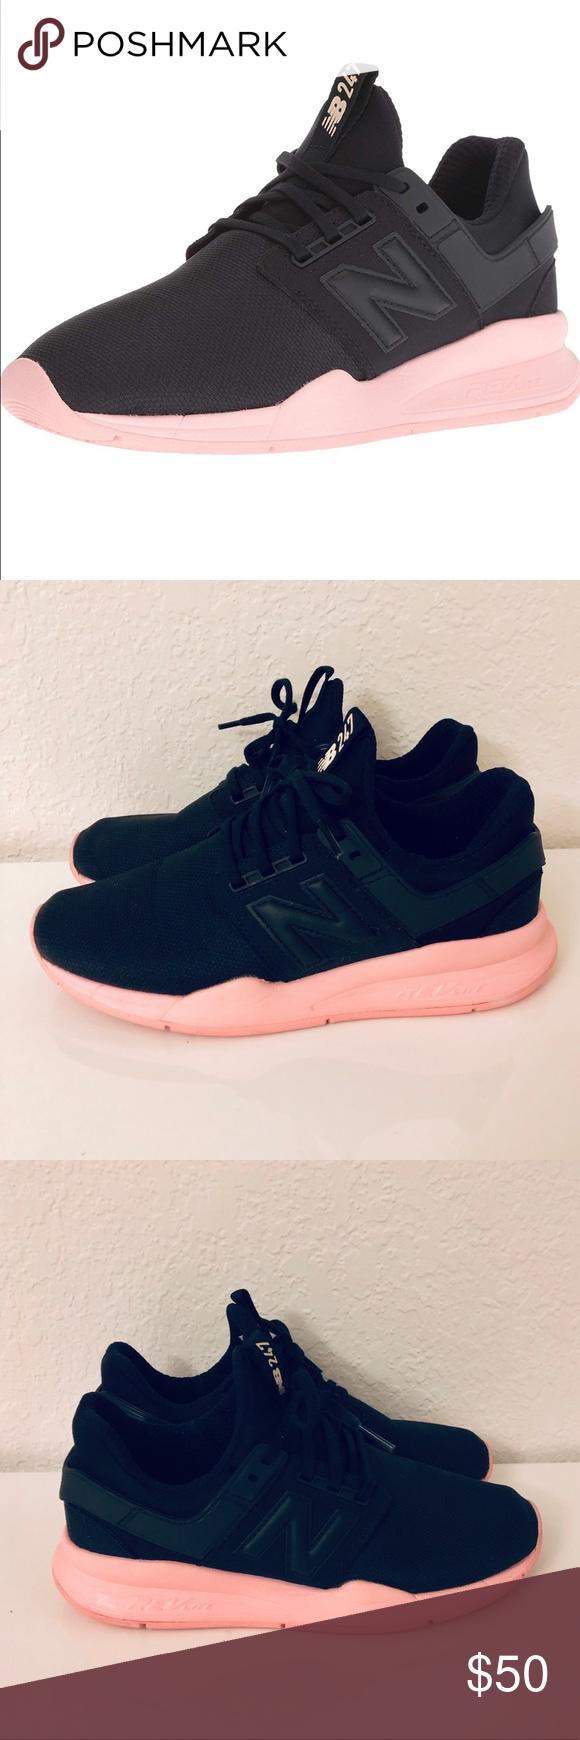 New Balance 247 v2 Sneaker Black